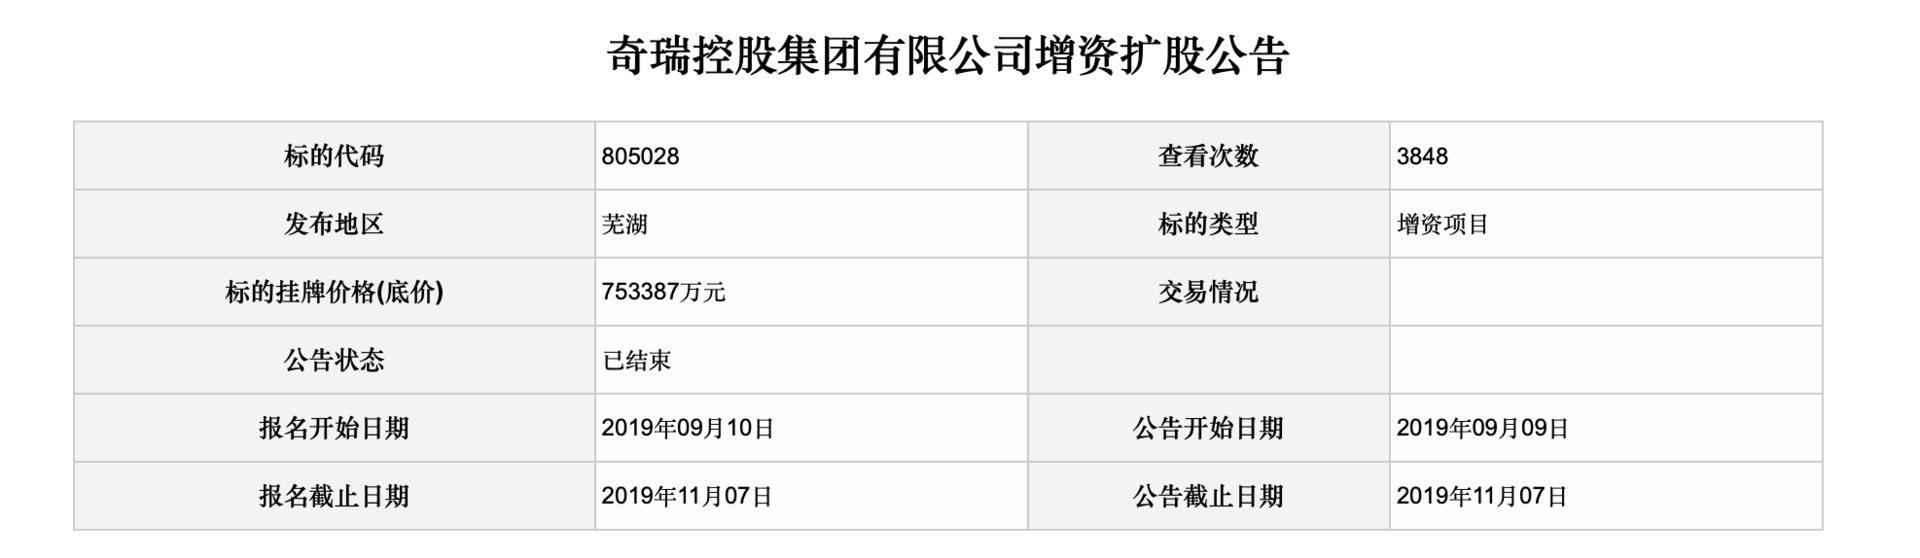 奇瑞增资扩股项目挂牌结束,5个工作日内将公布结果